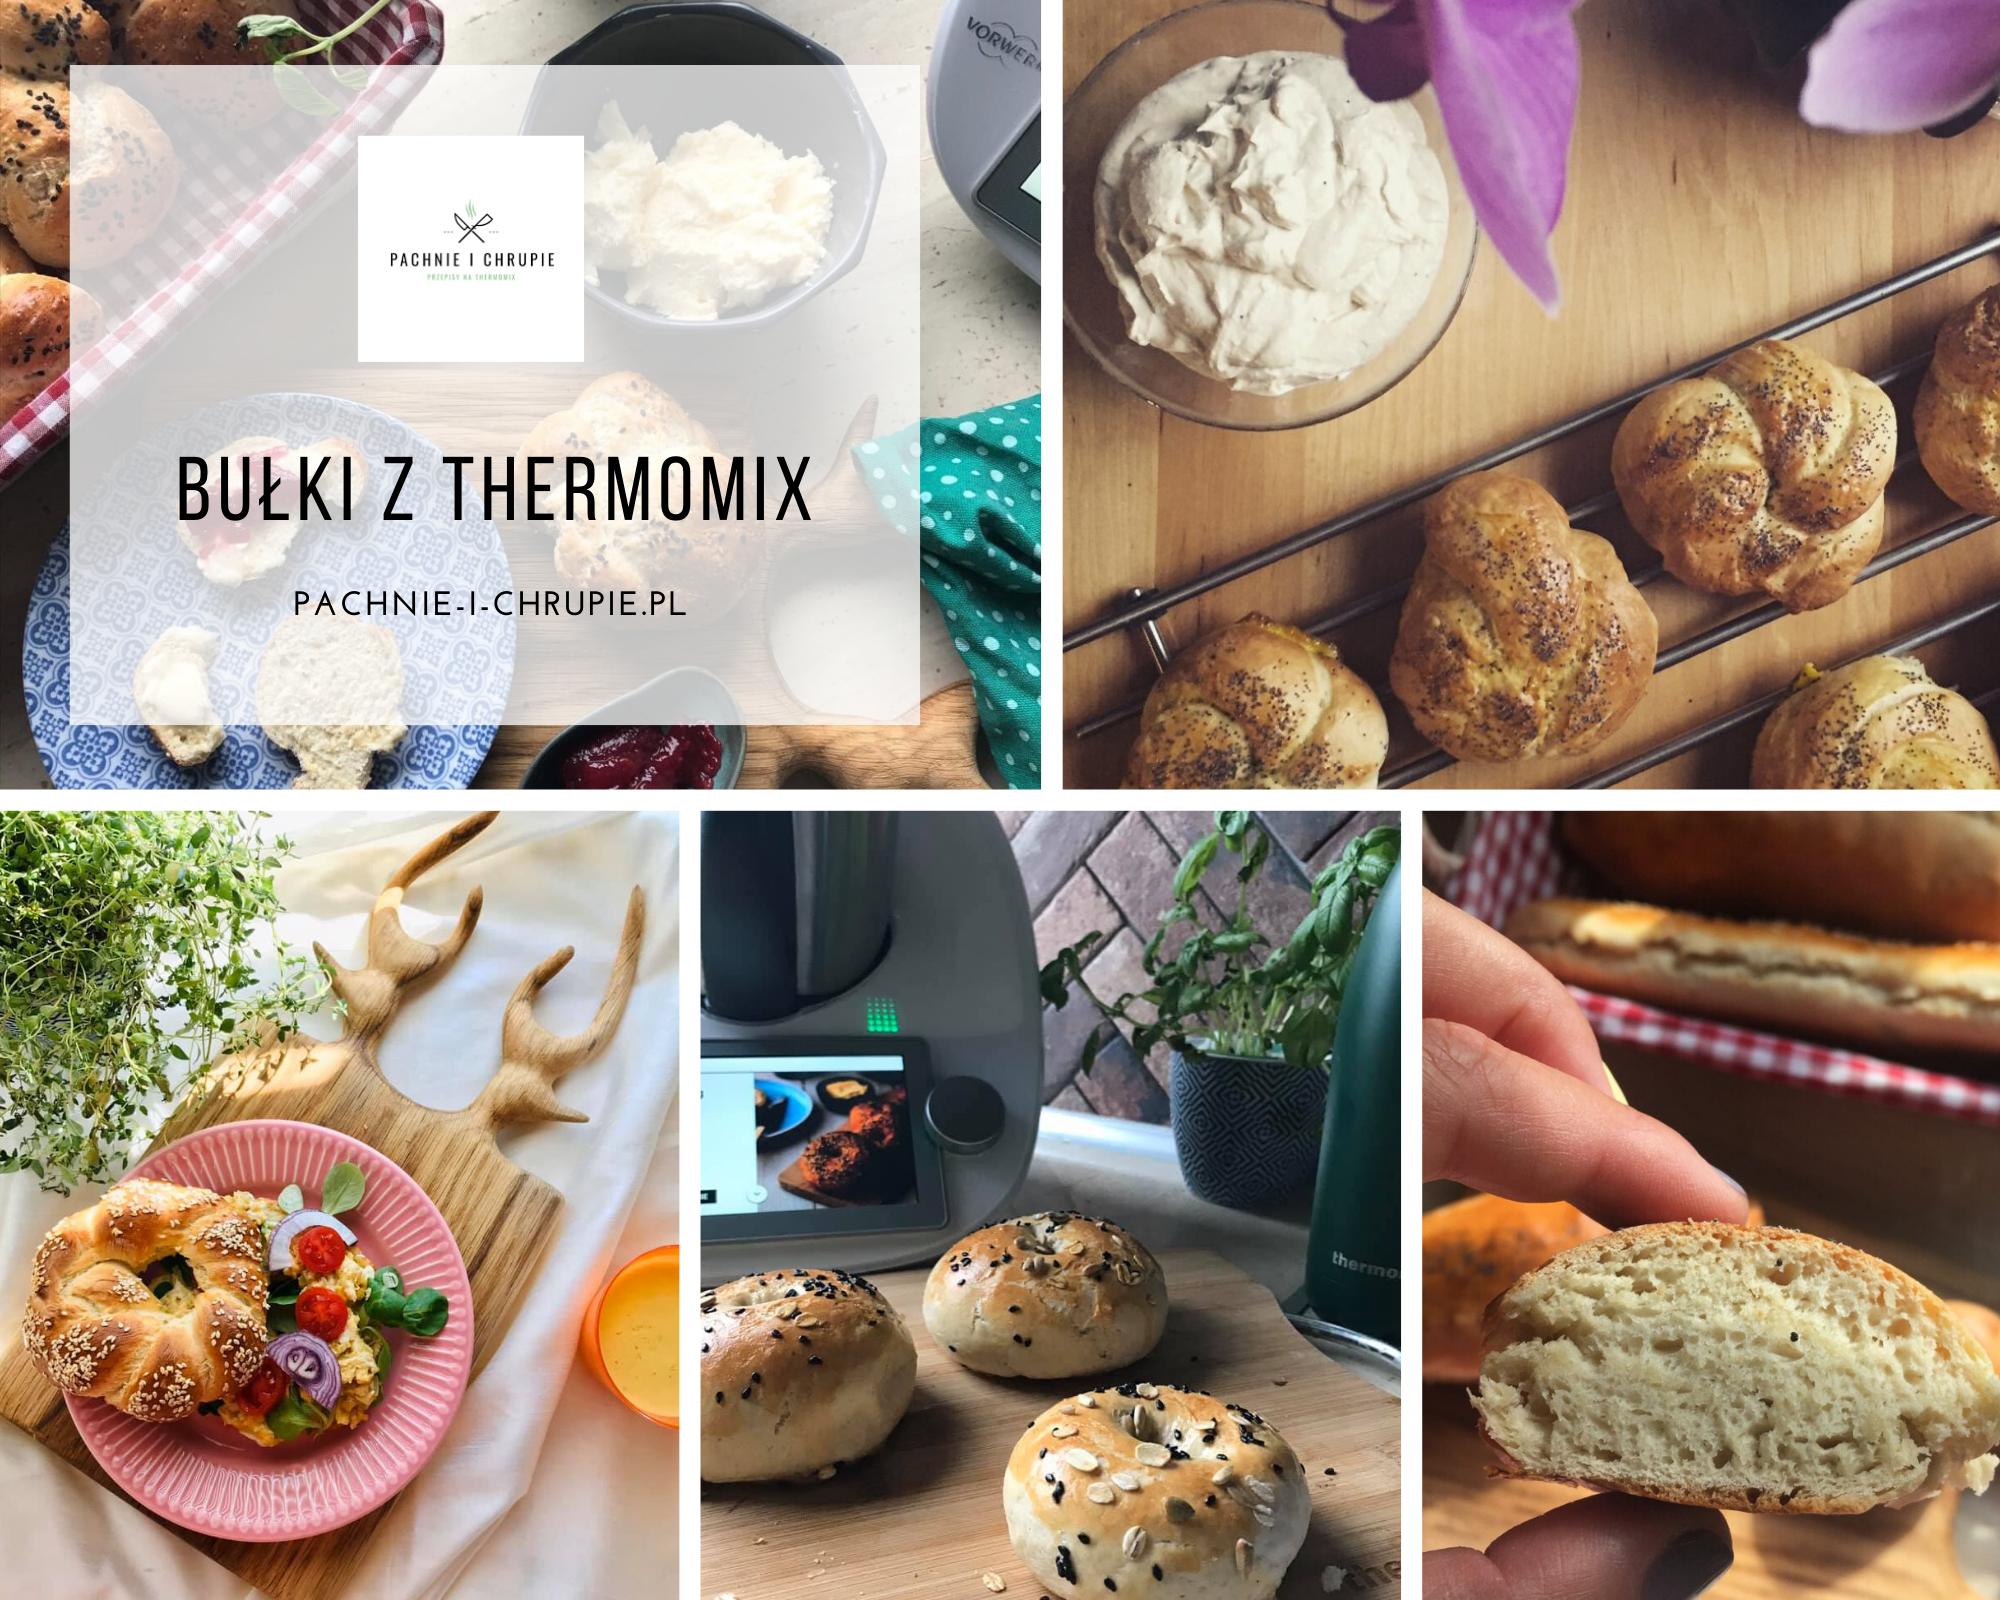 Bułki Thermomix - maślane, pszenne, do hamburgerów. Które są najdłużej świeże? Które są najlepsze? Sprawdź!